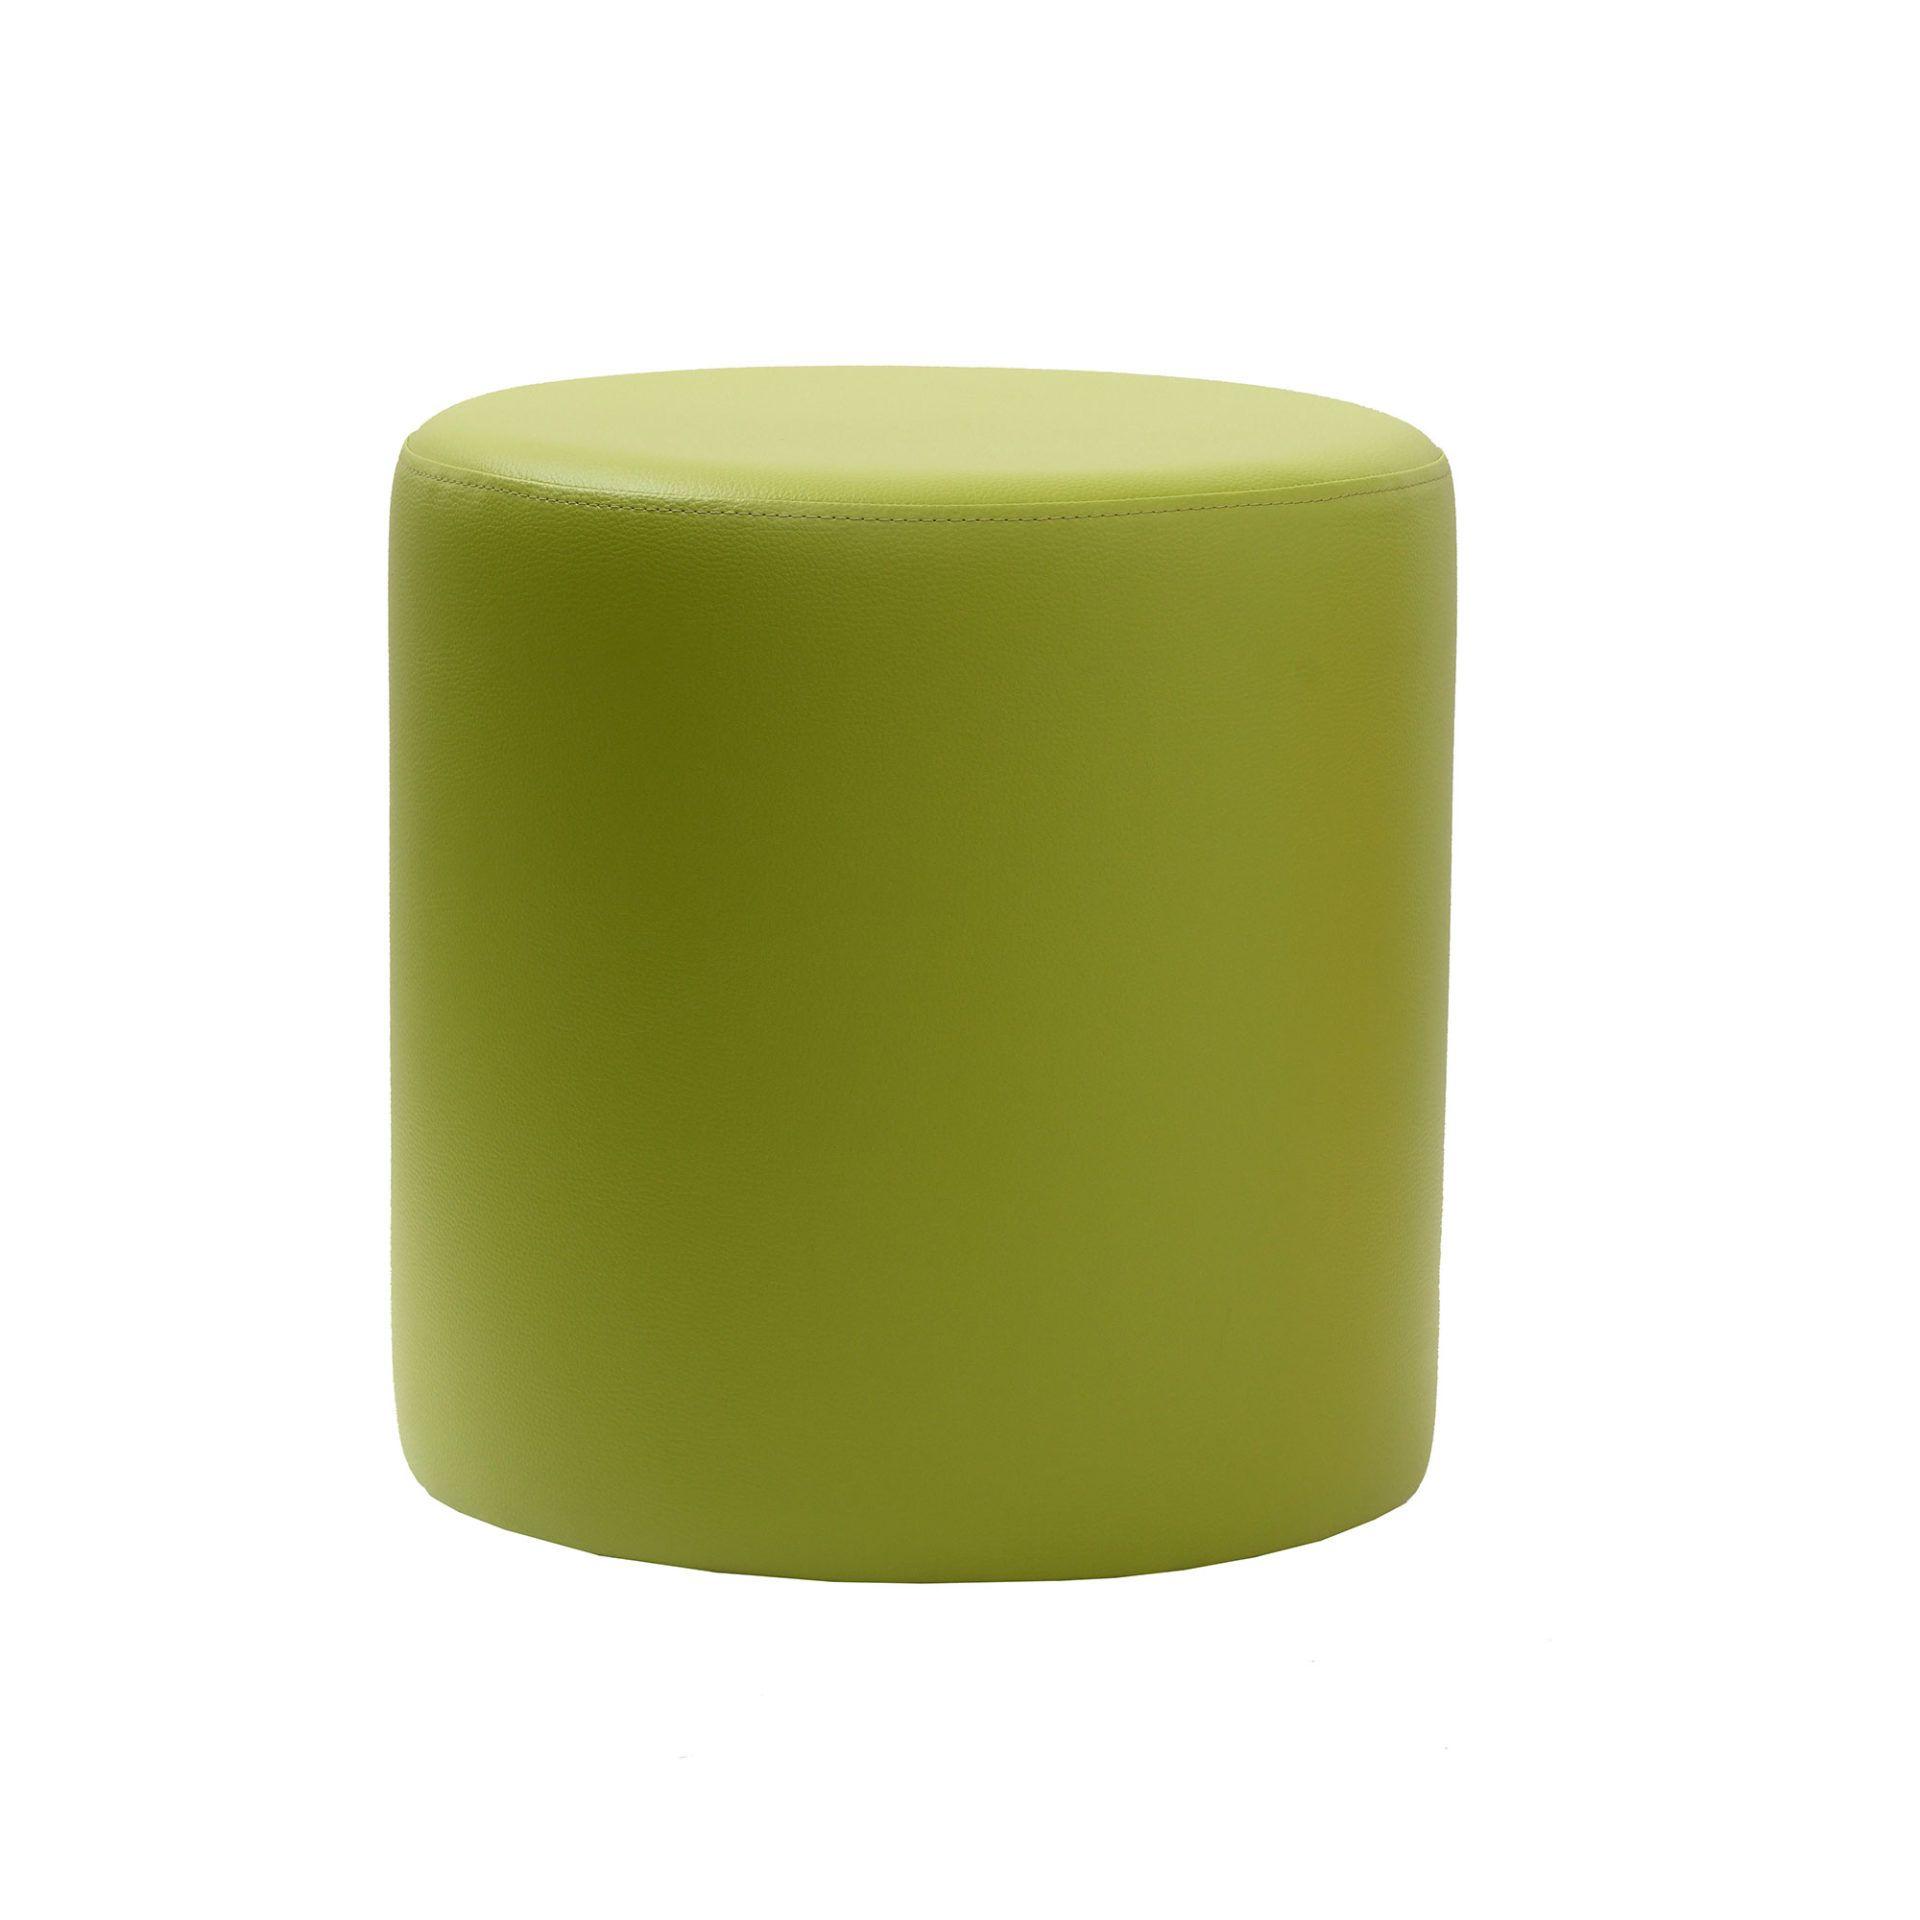 roundottoman green